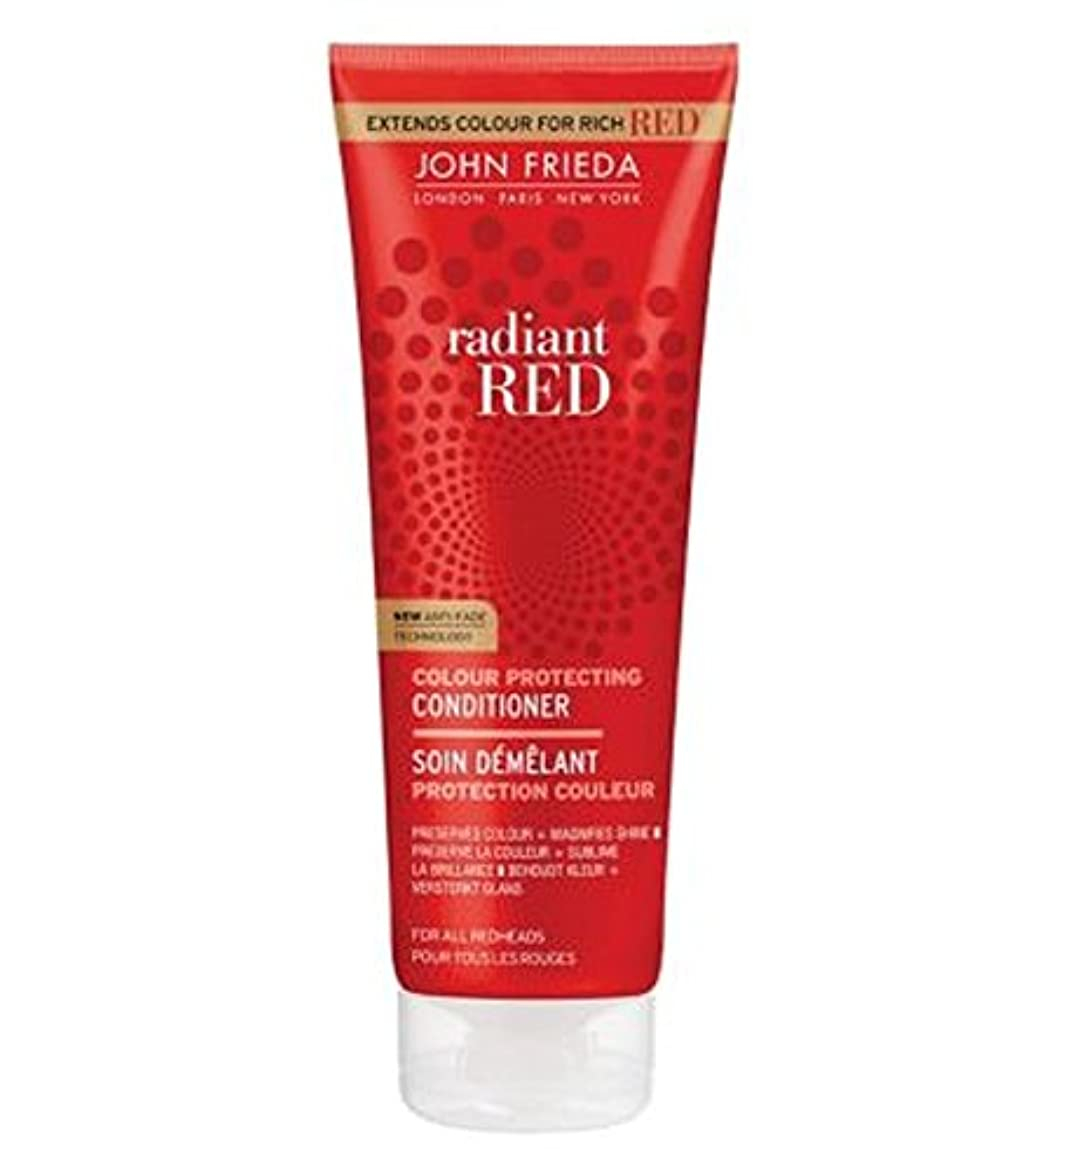 火星促進する無線John Frieda Radiant Red Colour Magnifying Conditioner 250ml - ジョン?フリーダ放射赤色拡大コンディショナー250Ml (John Frieda) [並行輸入品]